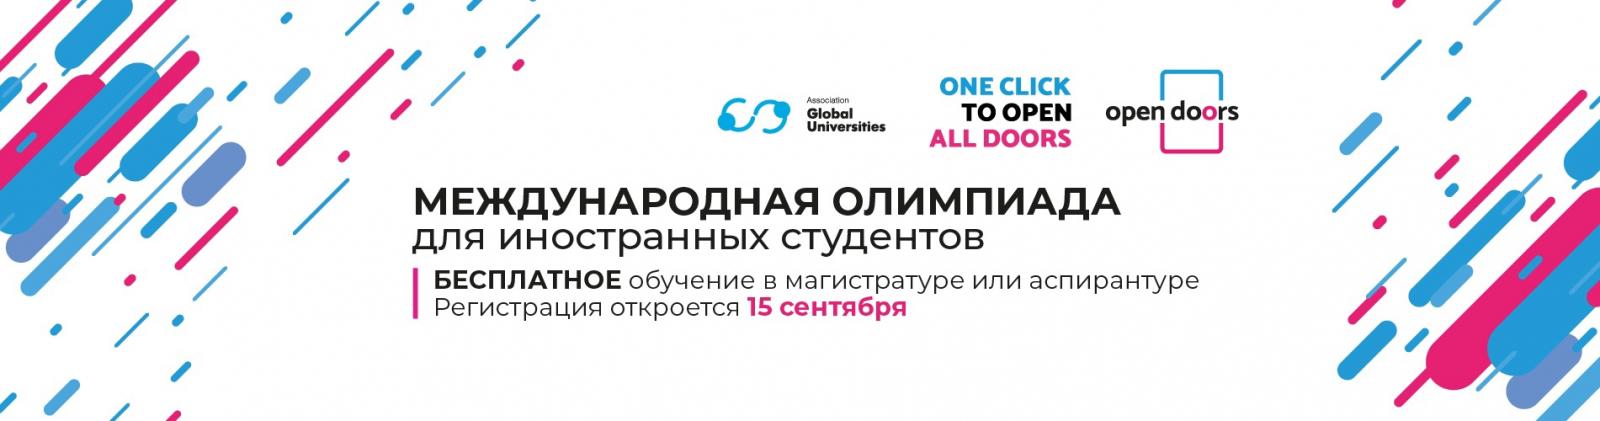 Международная олимпиада для иностранных студентов